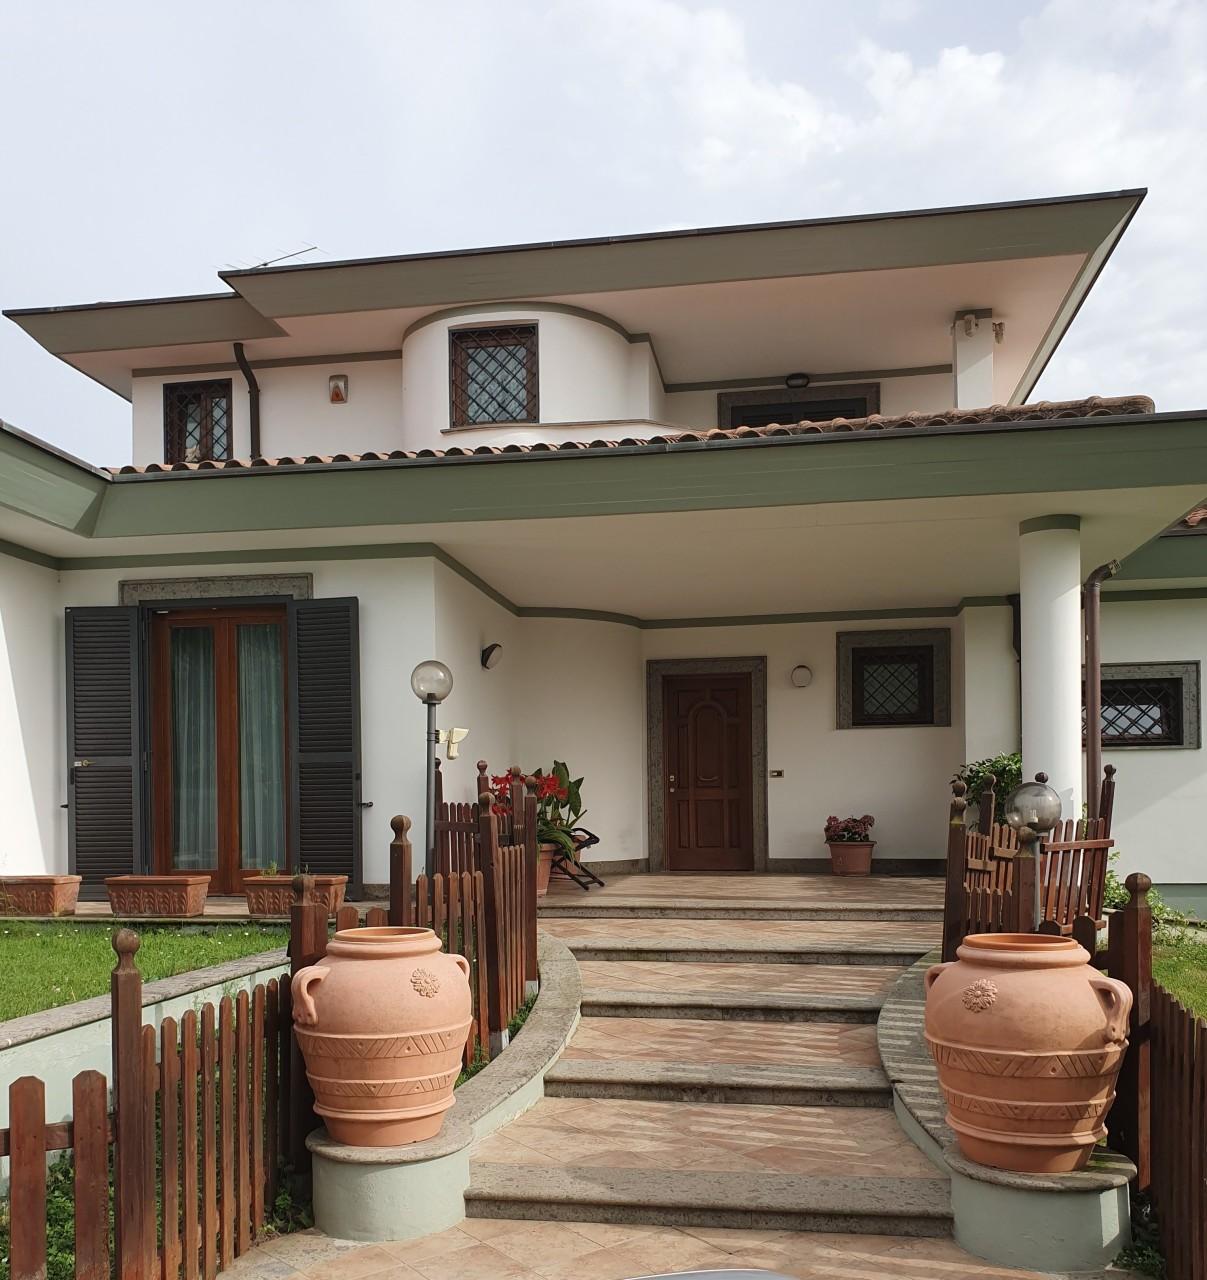 Villa in vendita a Palestrina, 9 locali, Trattative riservate | CambioCasa.it